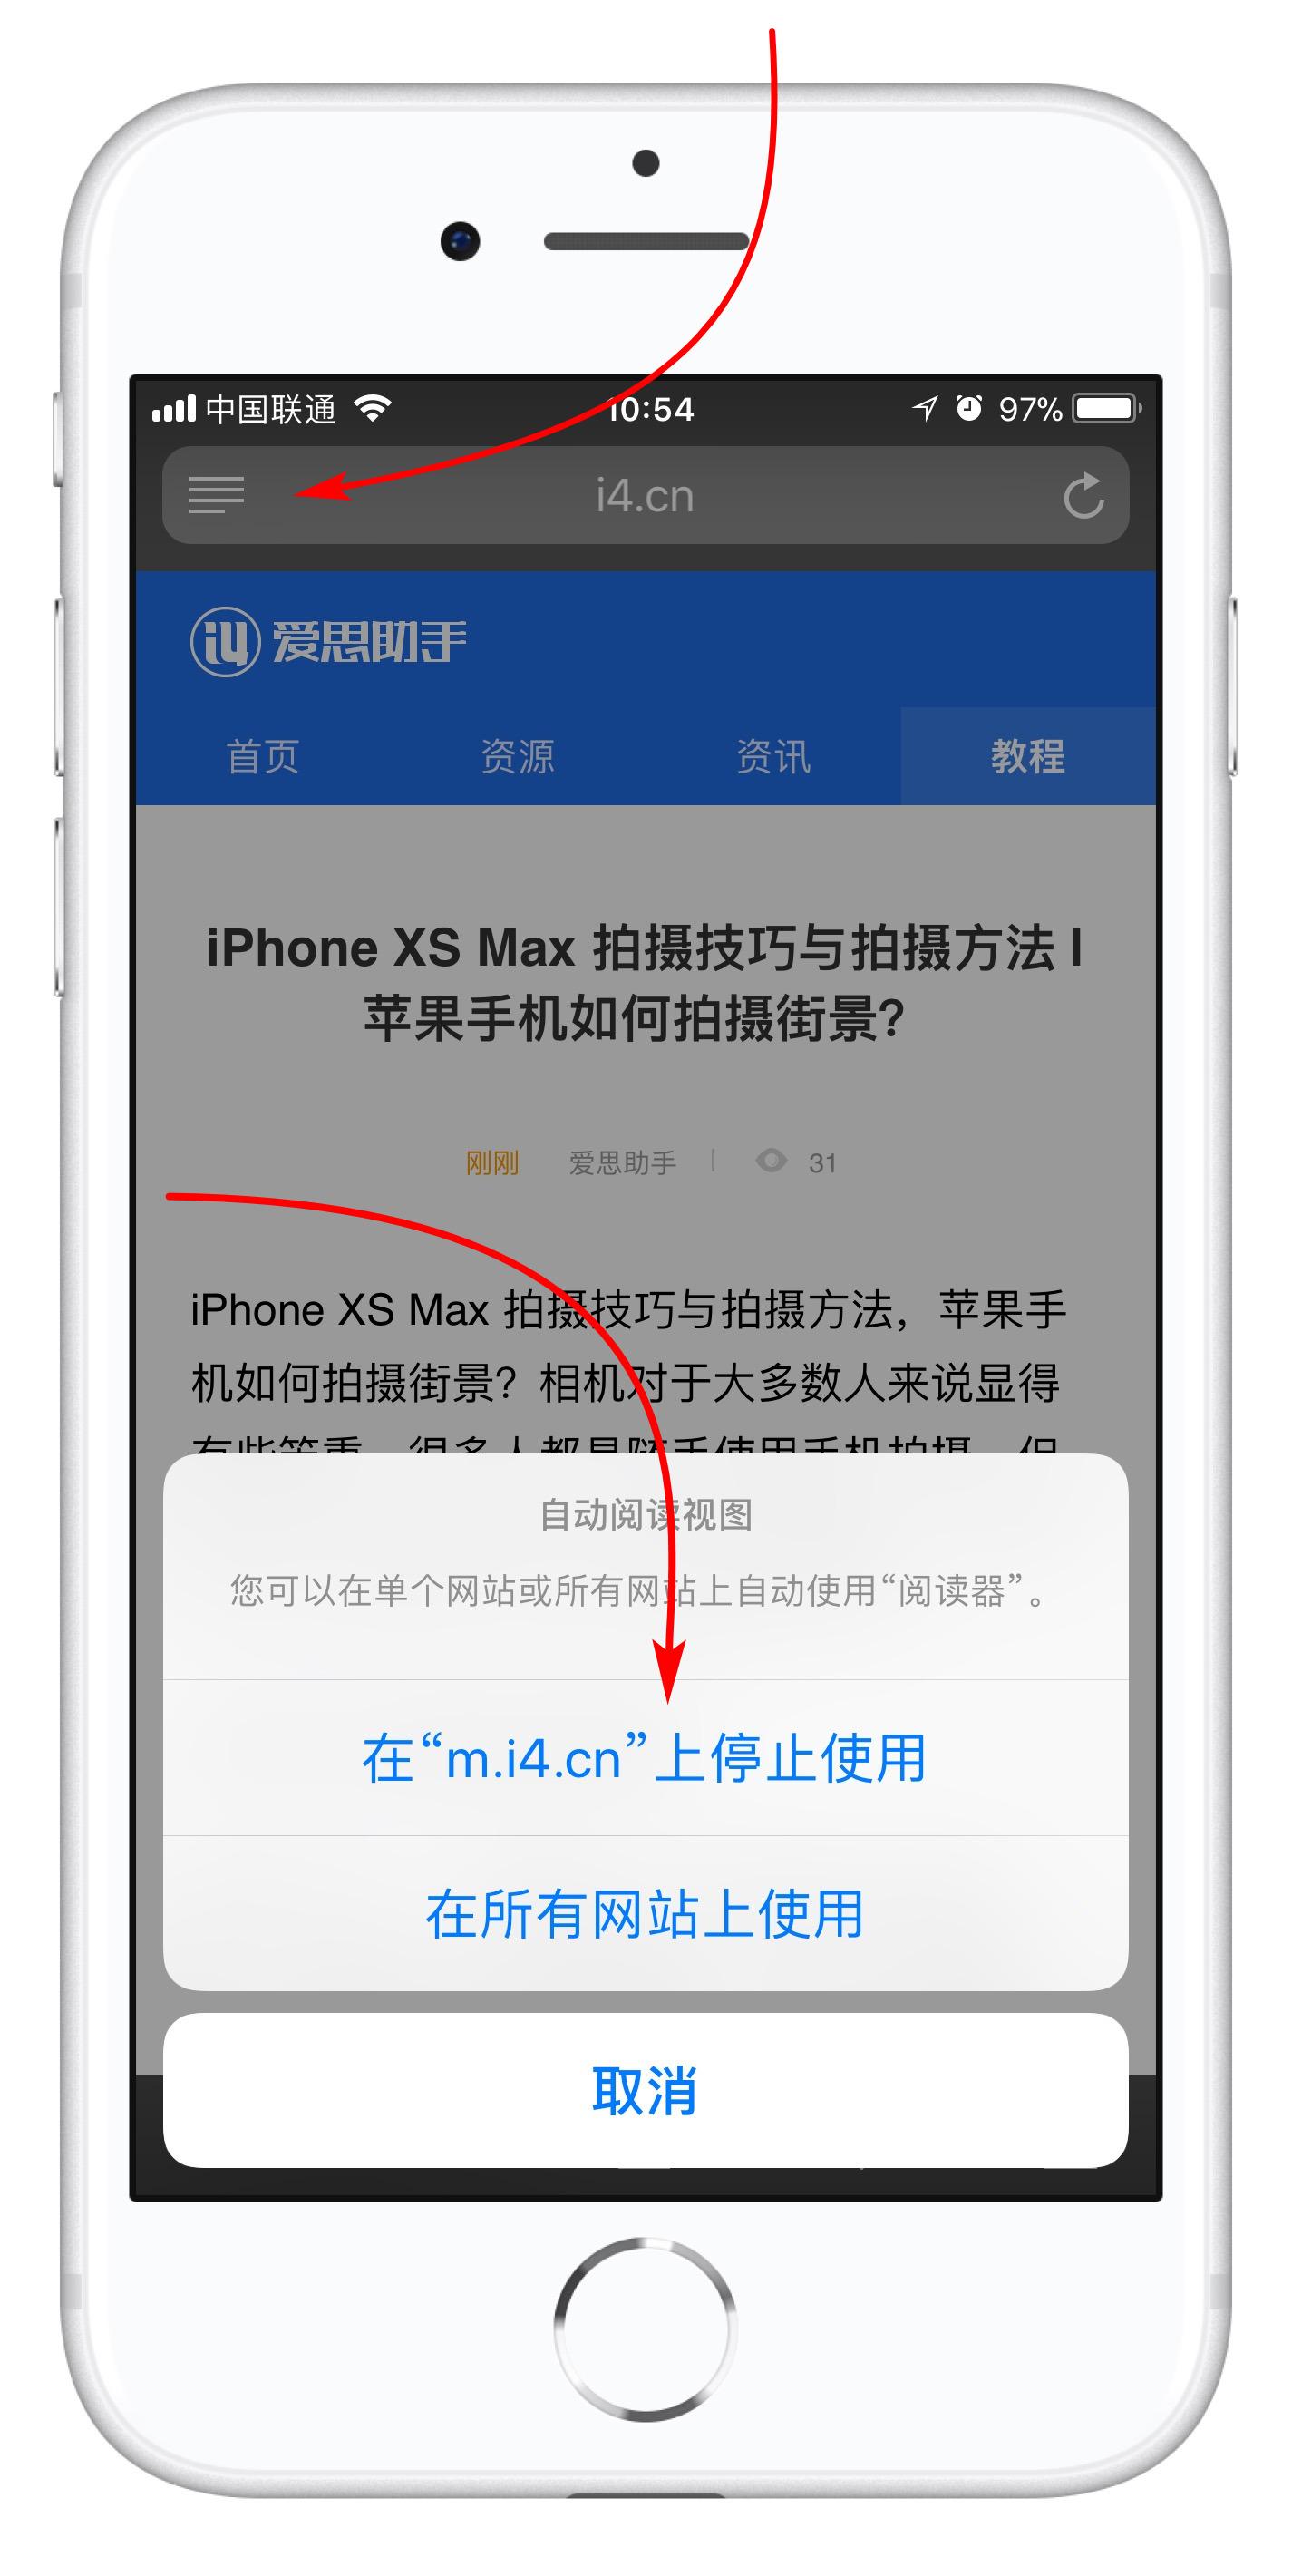 苹果实用技巧:使用 Safari 浏览器不能不知道的四个小技巧